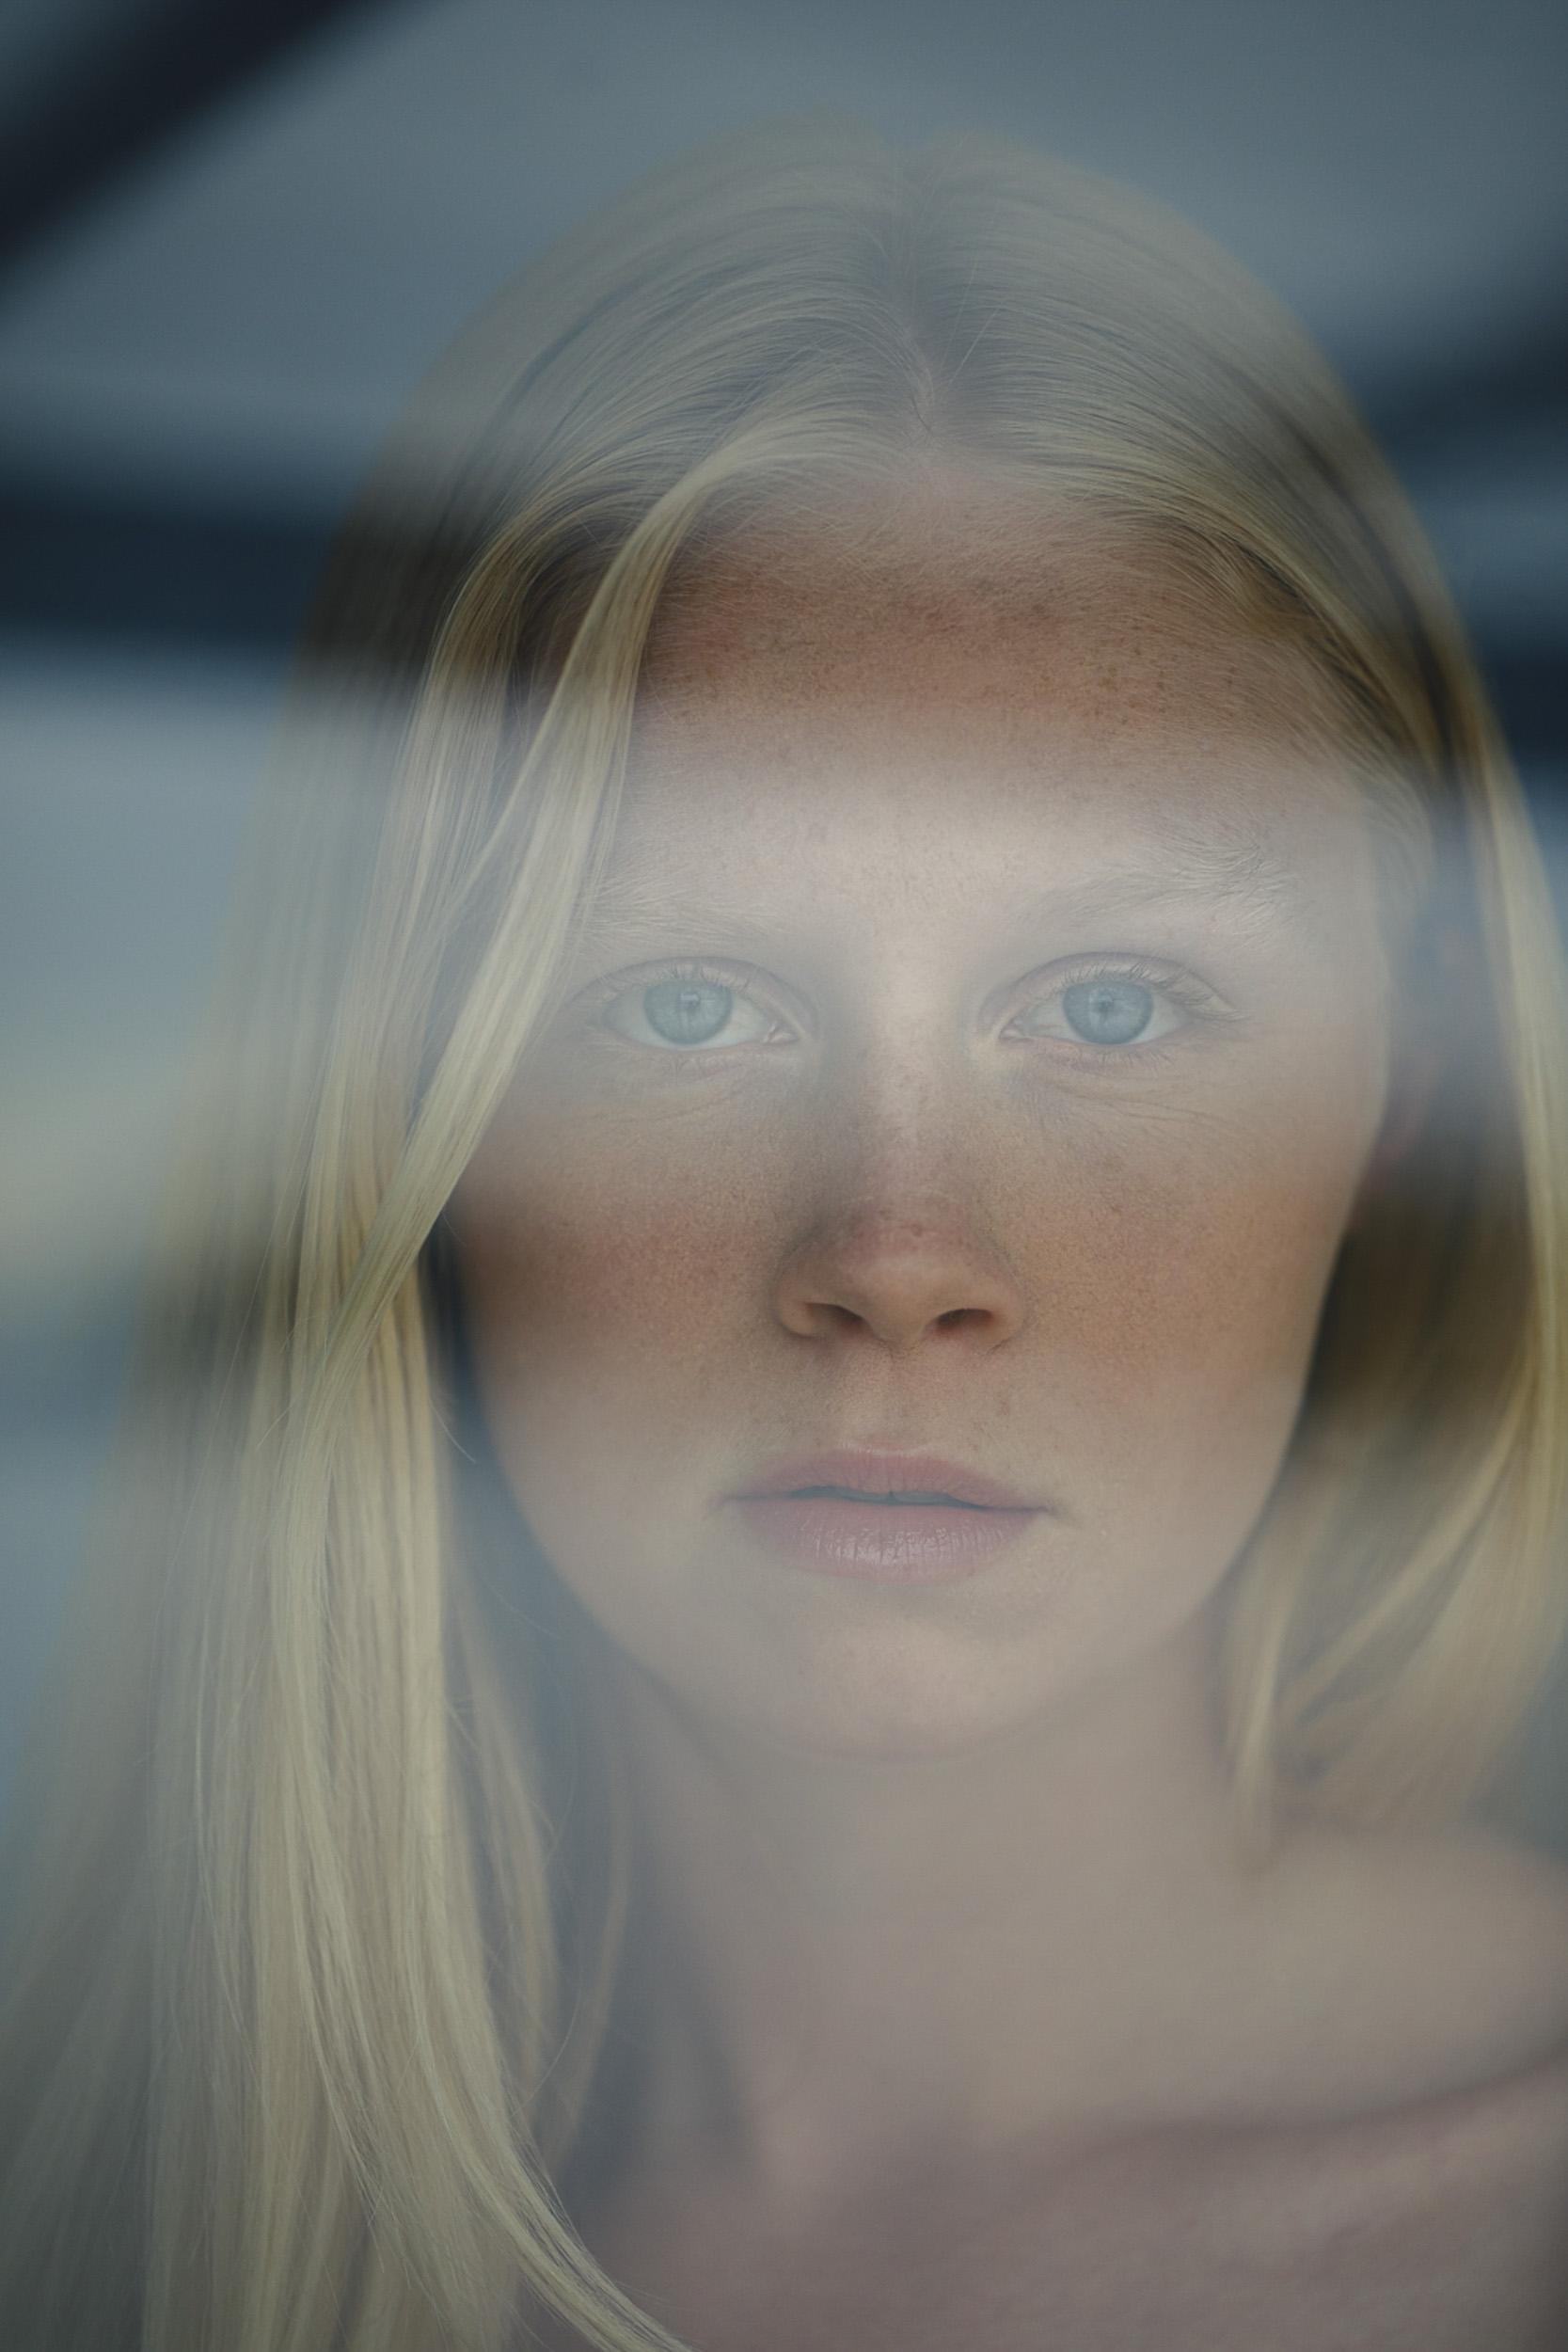 vancouver-environmenal-portrait-photographer-kyrani-kanavaros-13.jpg